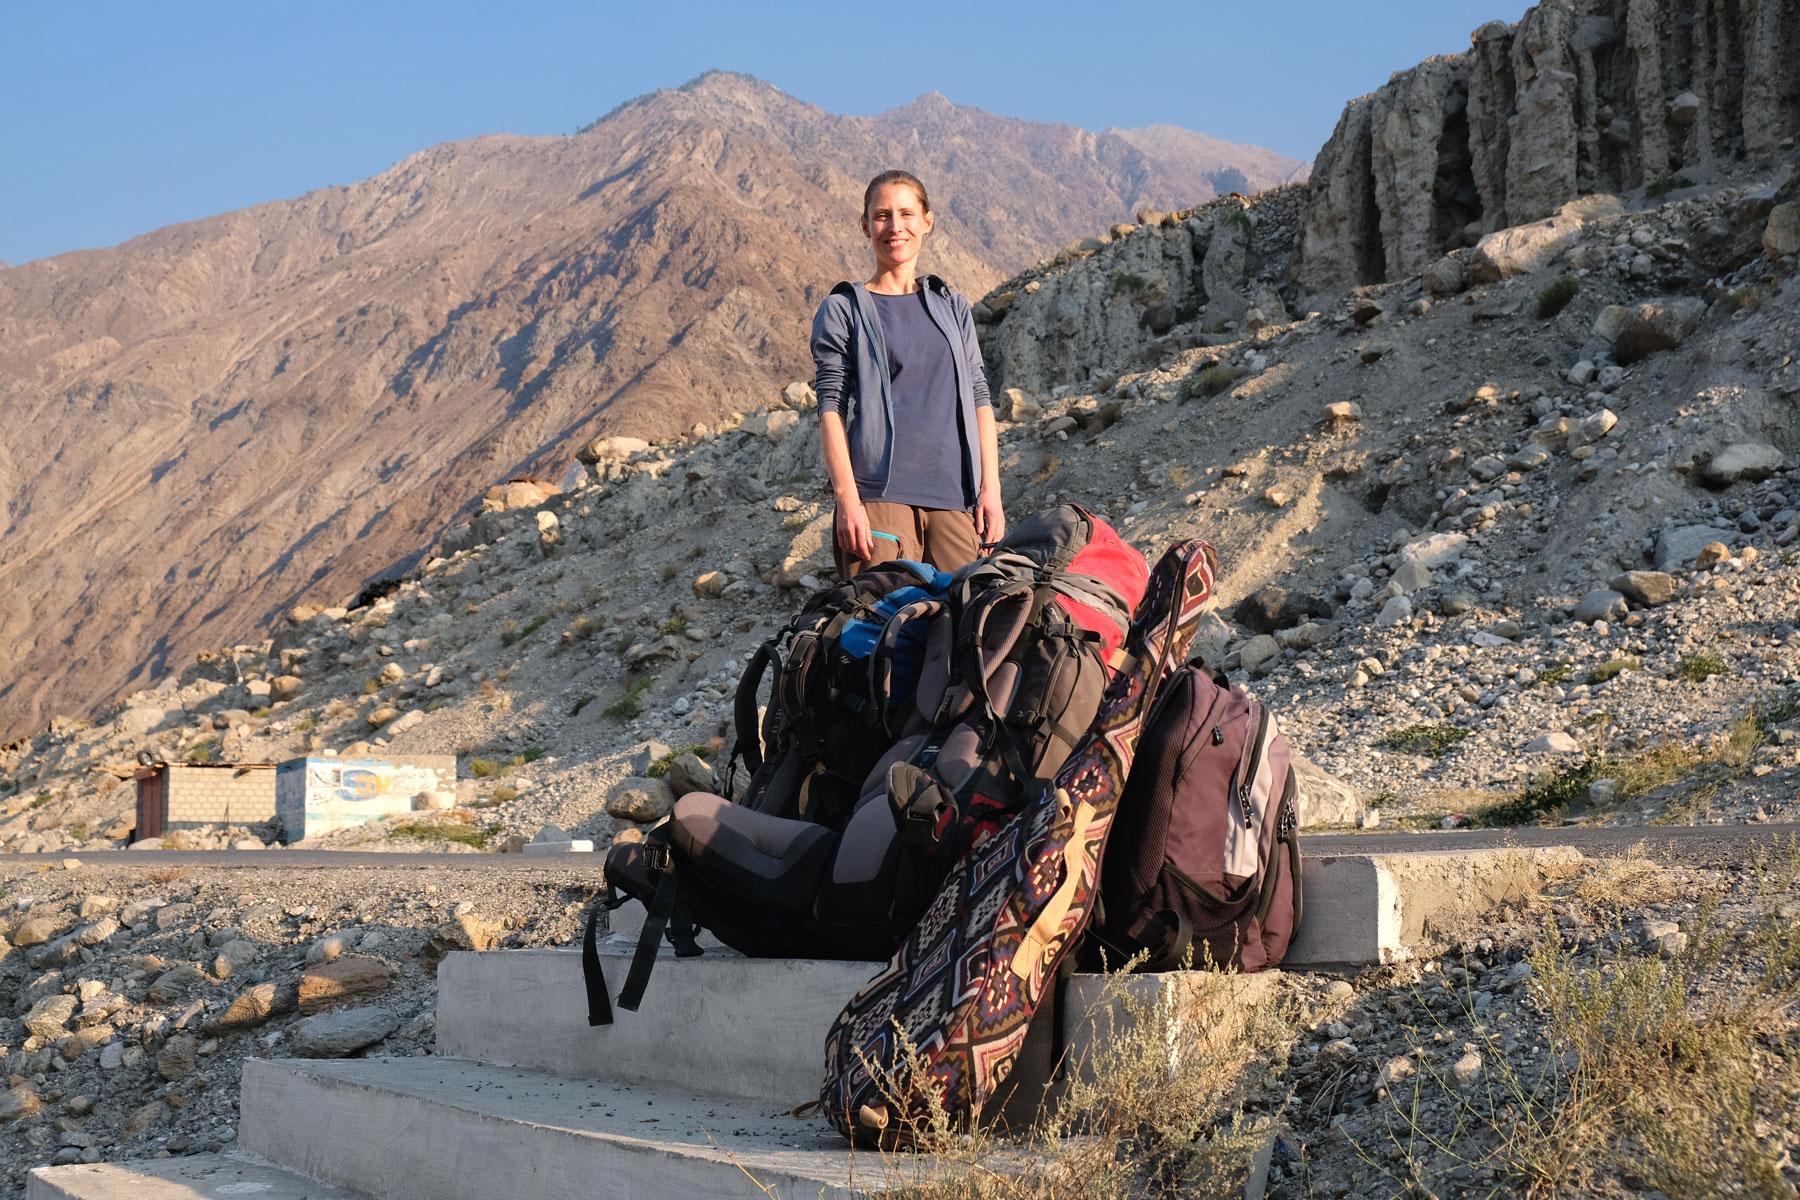 Leo steht vor Reisegepäck im Gebirge.